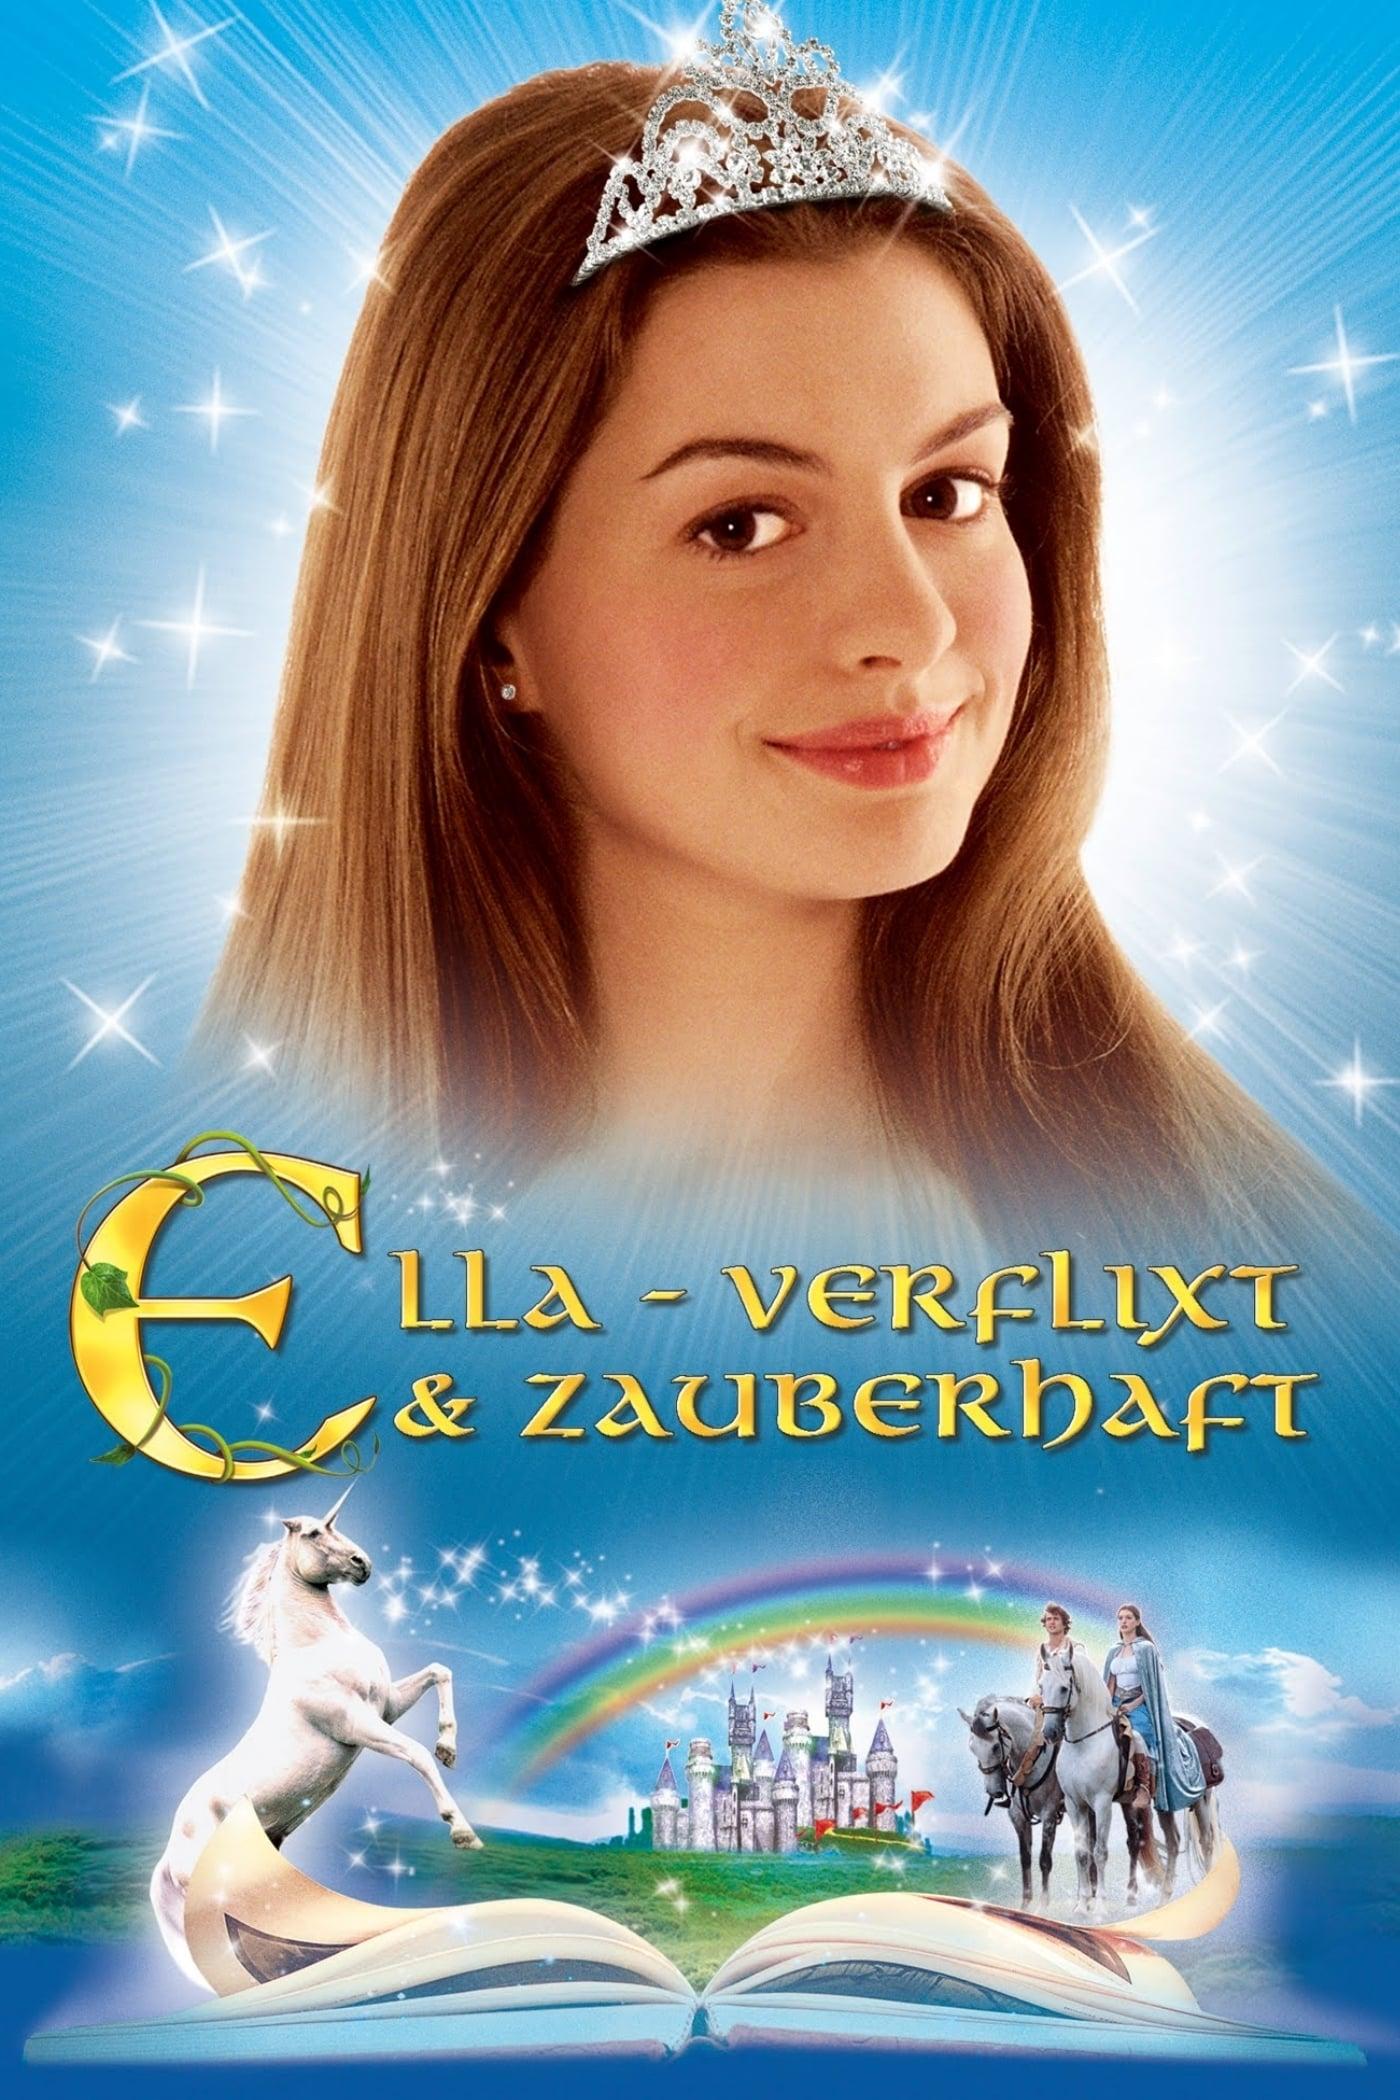 Ella Enchanted 2004  Vodly Movies